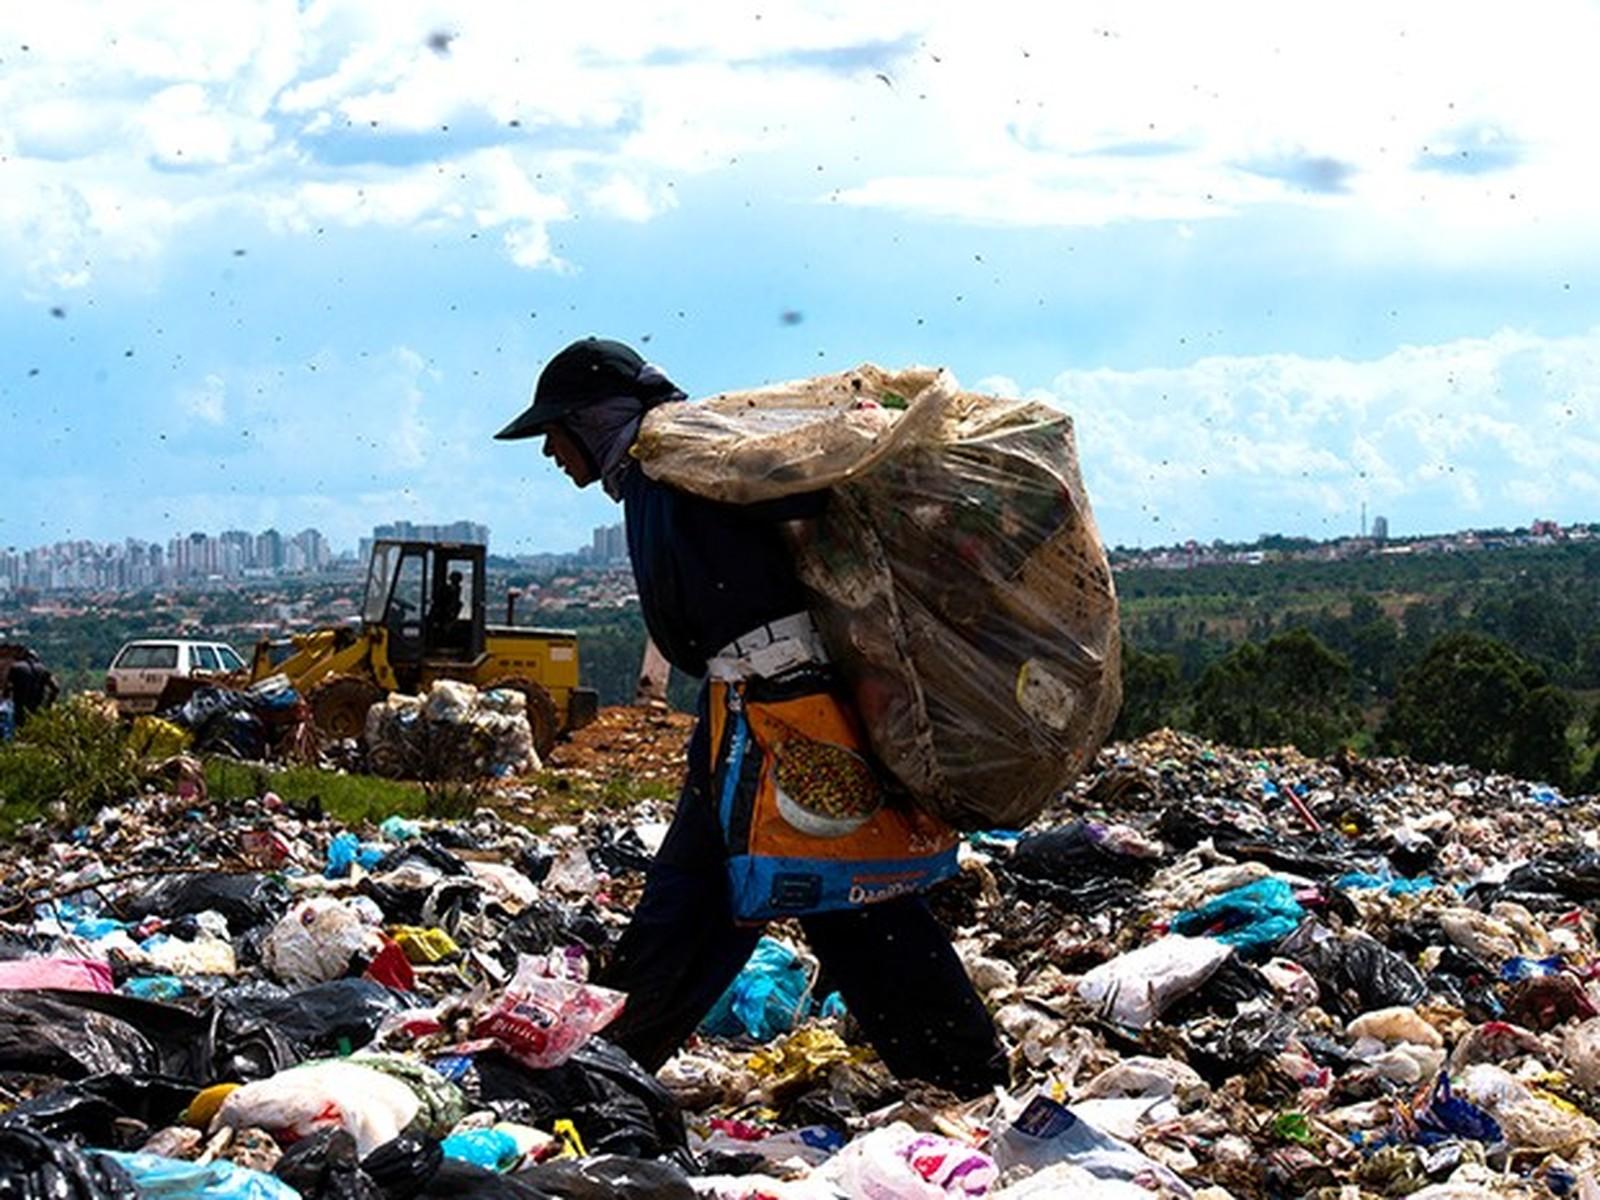 Em 2016, 24,8 milhões de brasileiros viviam na miséria, 53% a mais que em 2014, revela IBGE